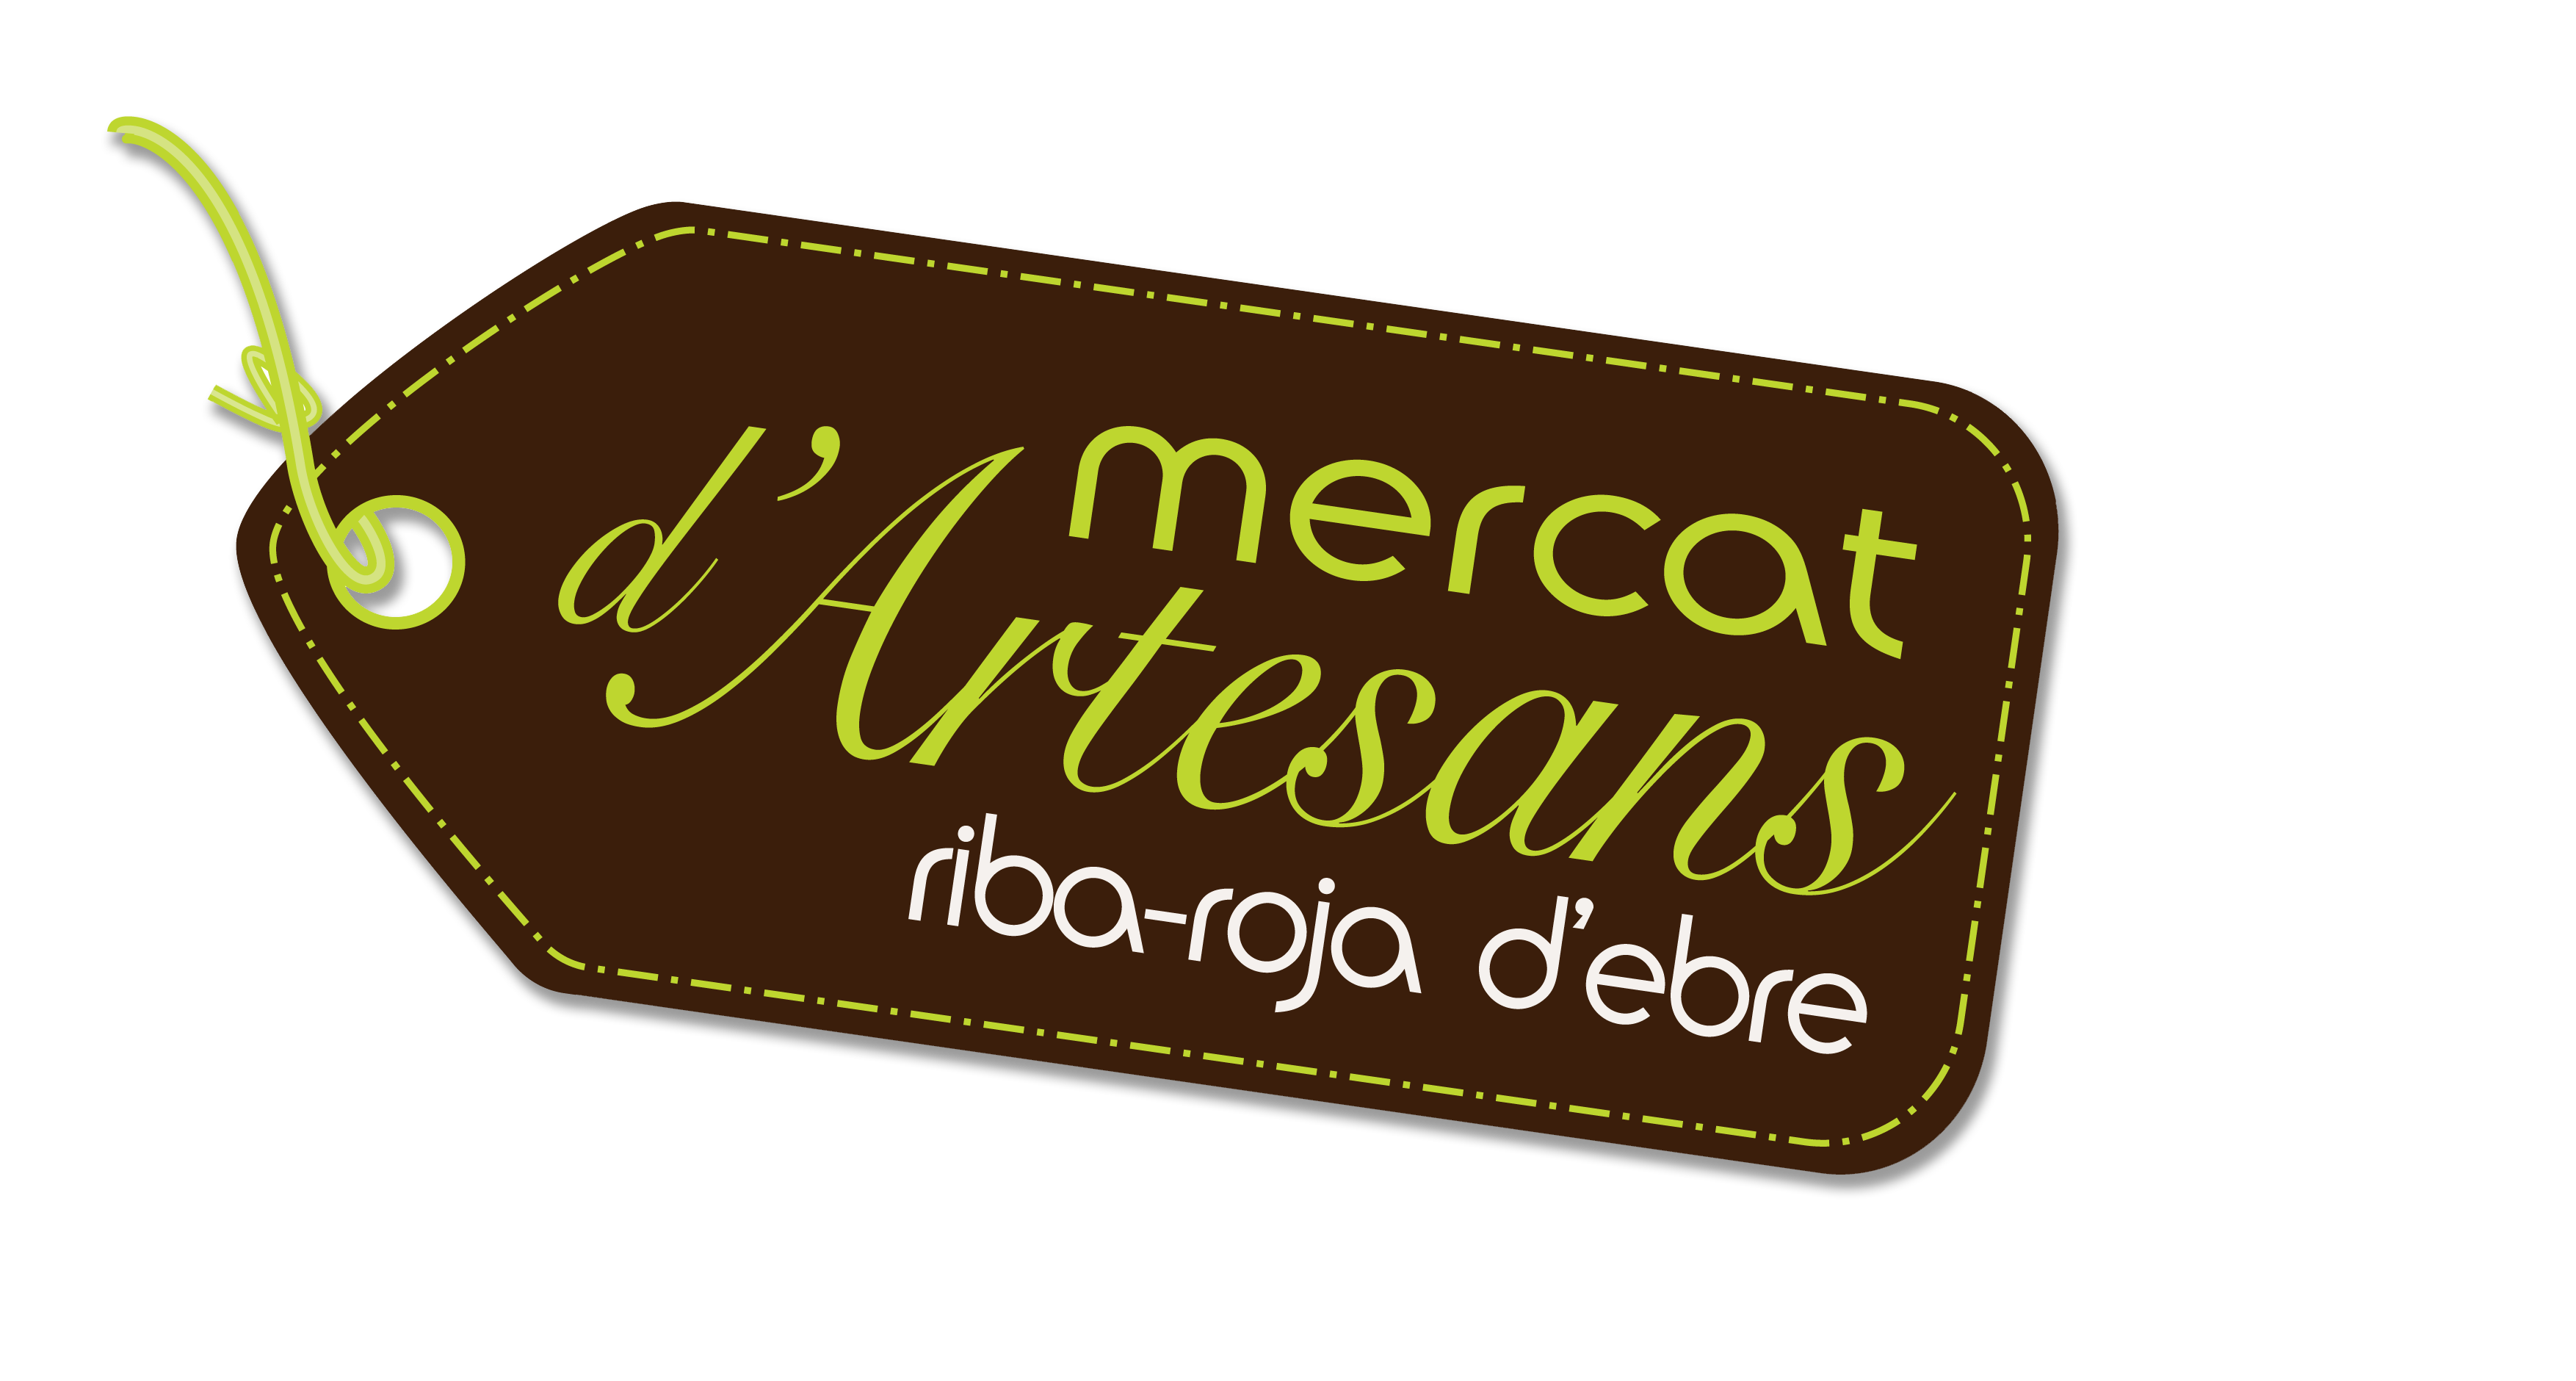 mercat d'artesans logo